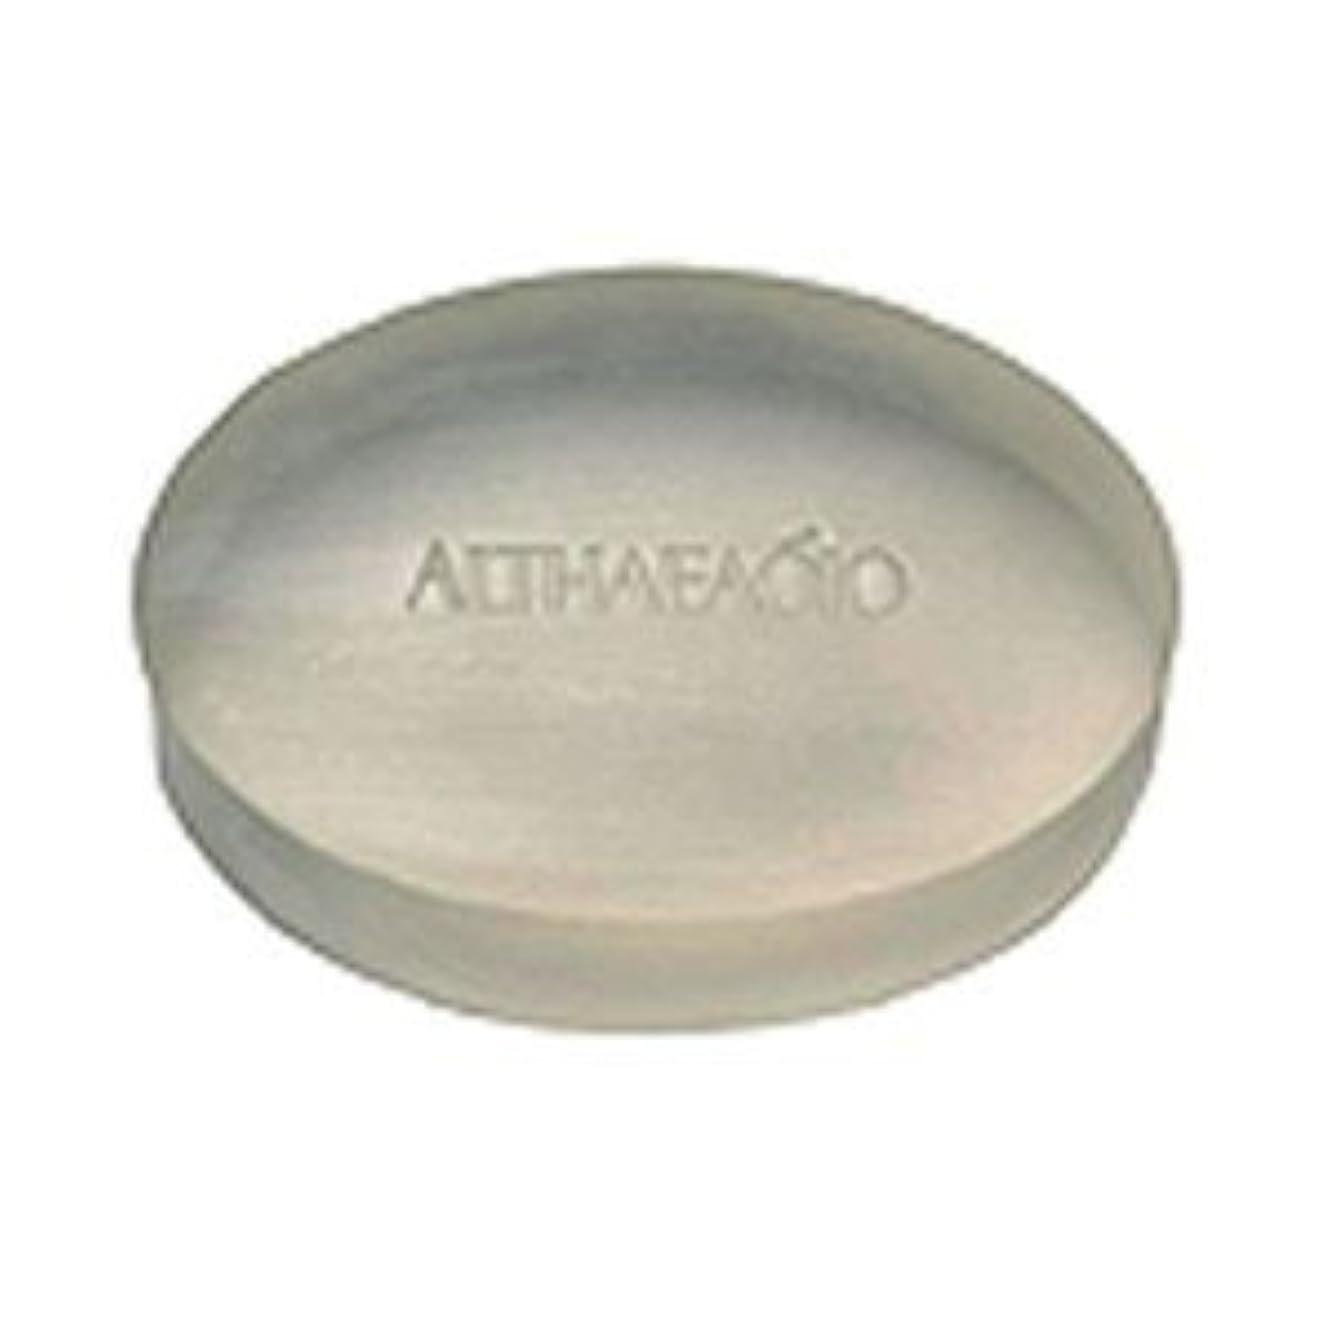 責めコーラス高揚したセプテム エルテオ ソープ レフィル 100g 薬用洗顔石けん